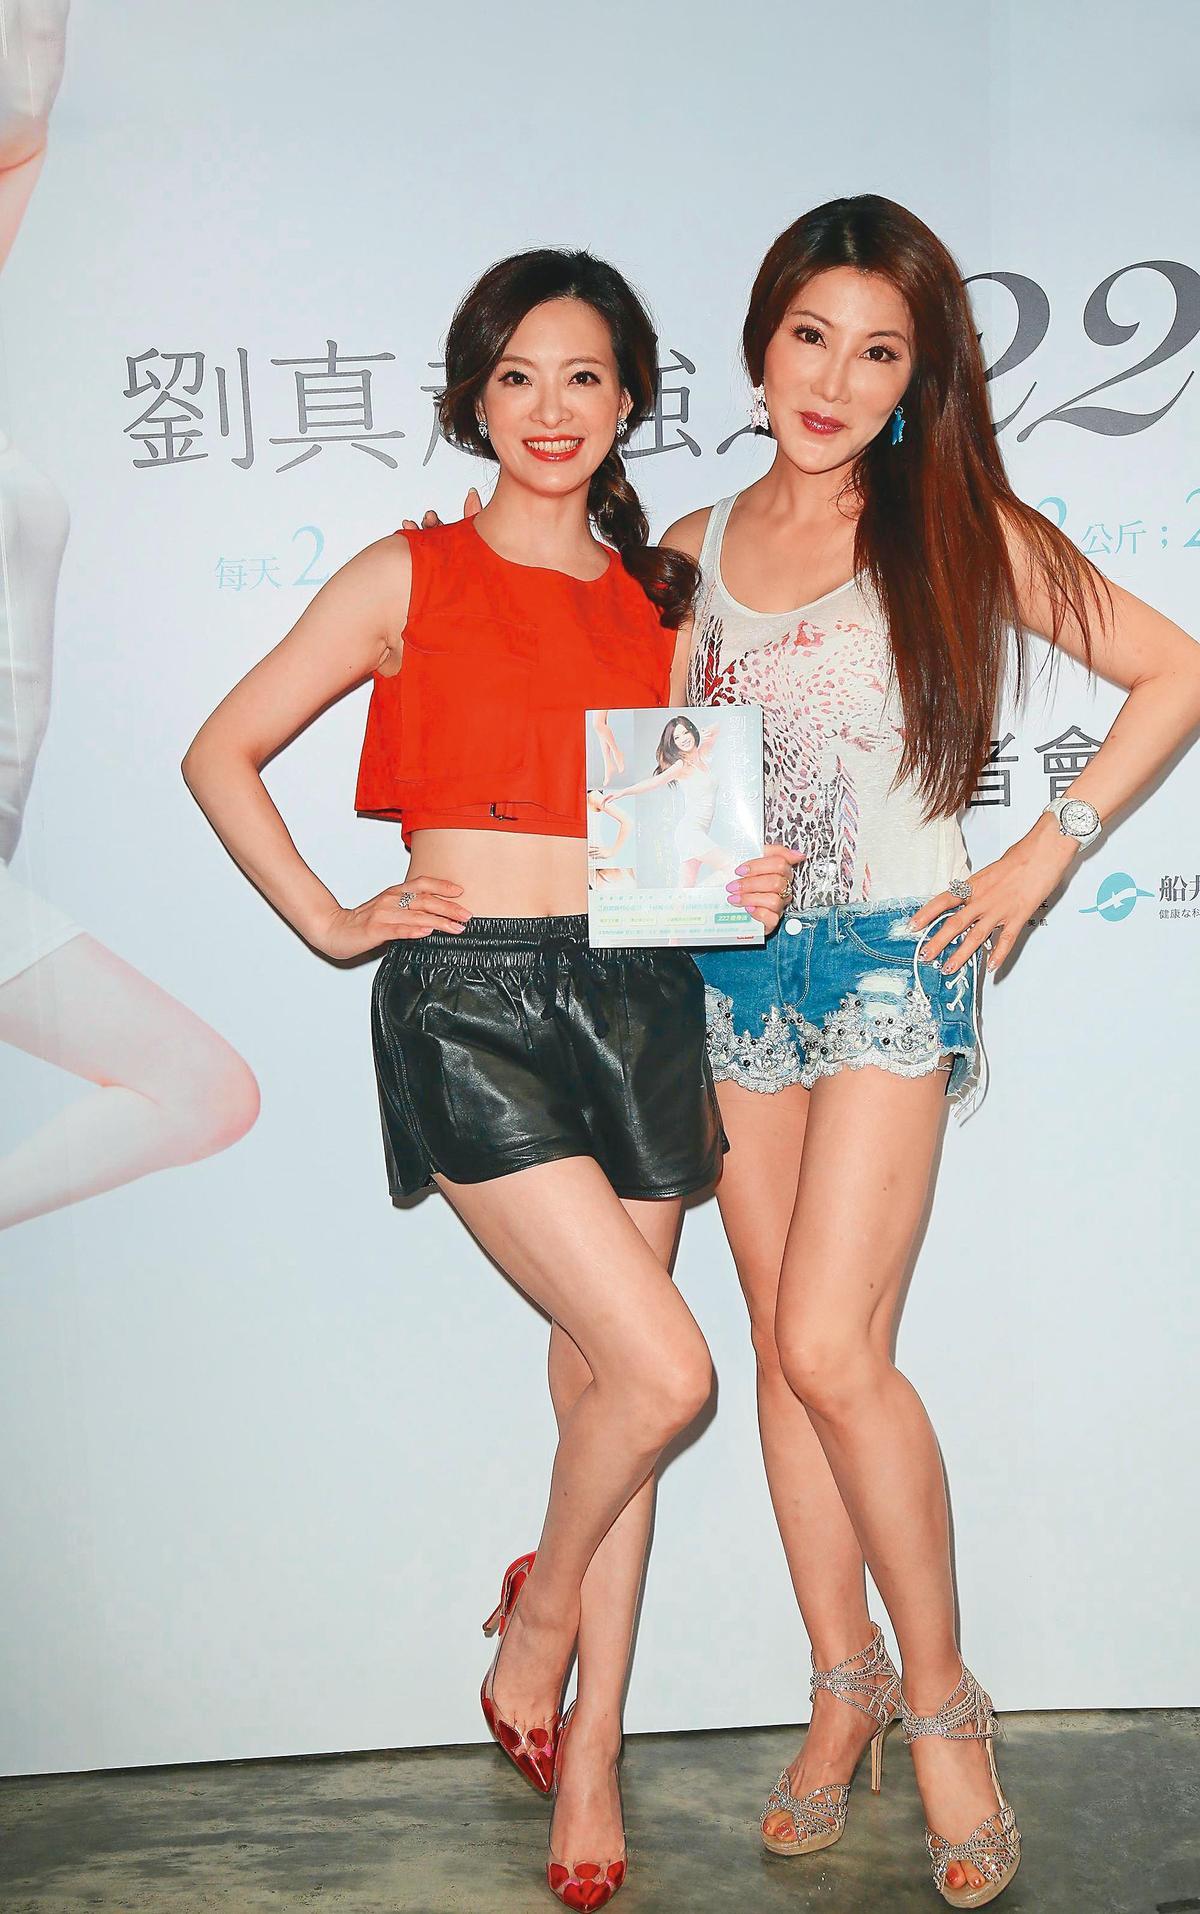 劉真(左)與楊麗菁(右)交情好,兩人因共同罵渣男結下好交情;楊麗菁還擔任劉真婚禮的伴娘。(東方IC)